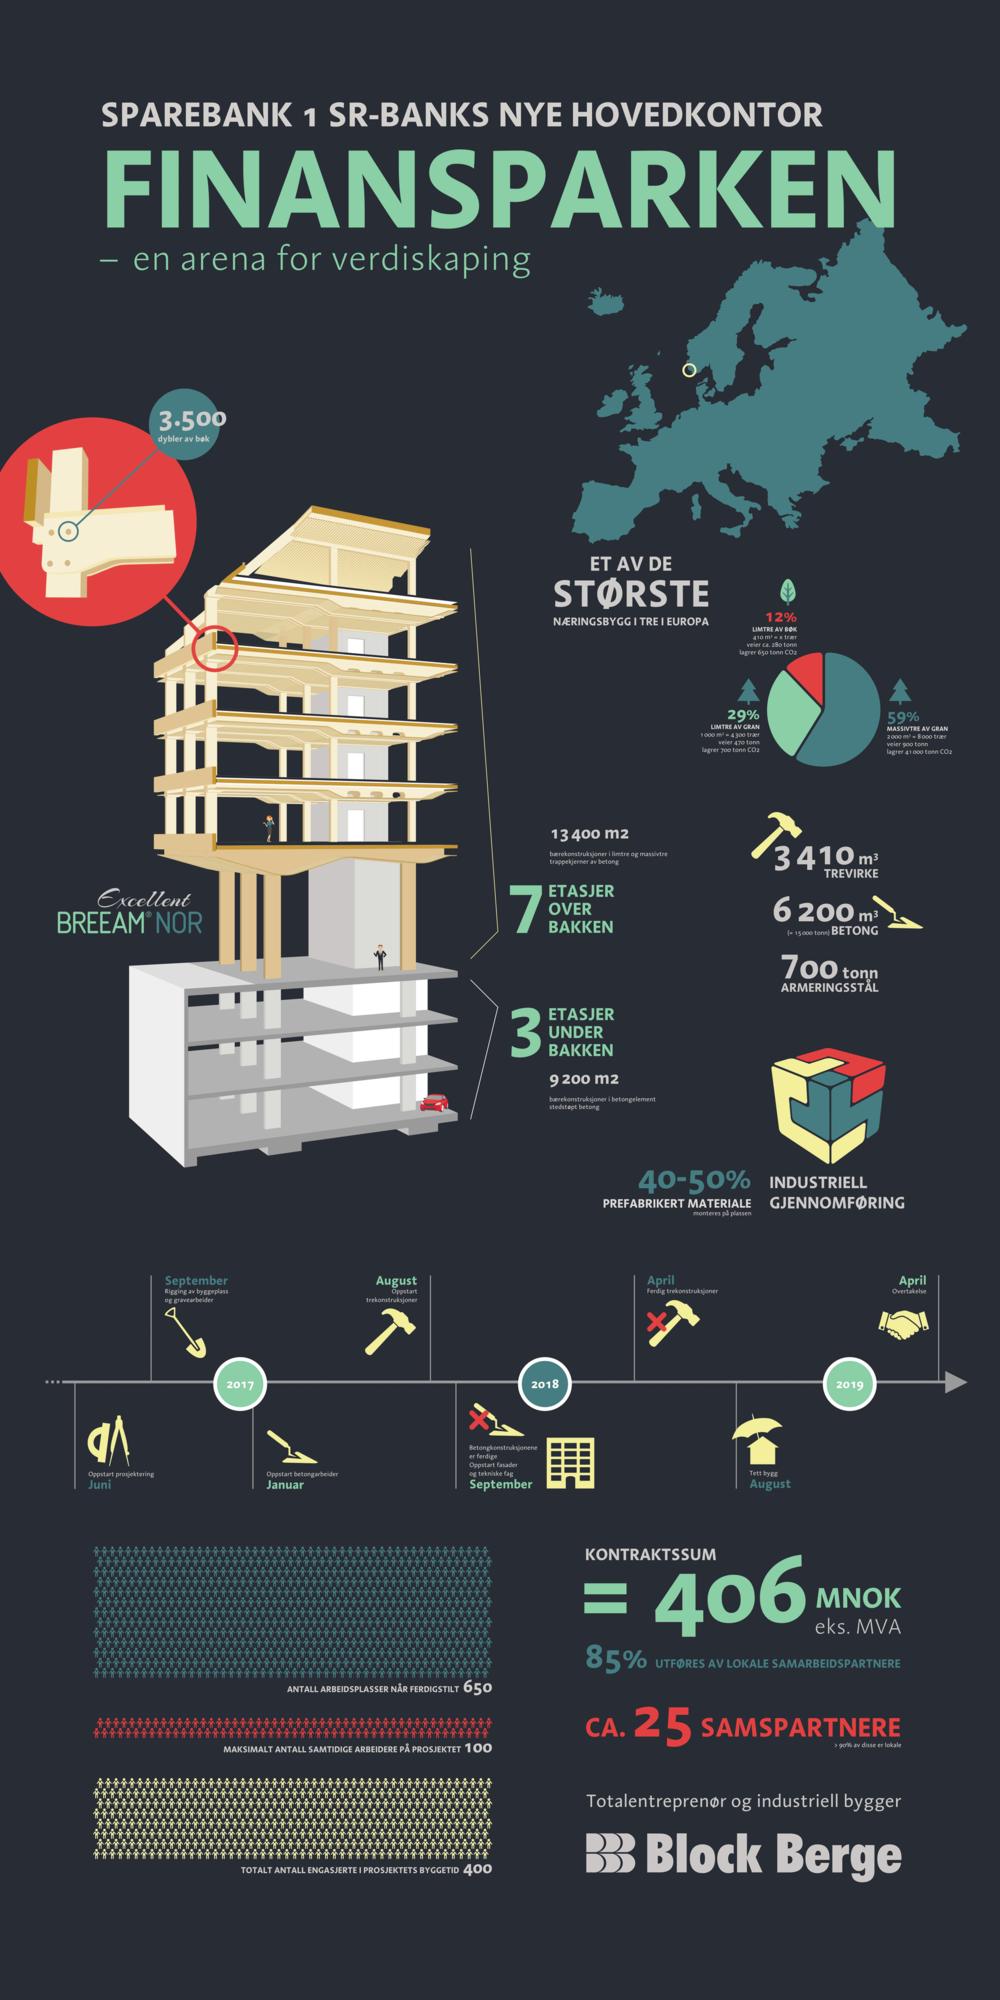 Infografikk som viser nøkkelinformasjon om Finansparken